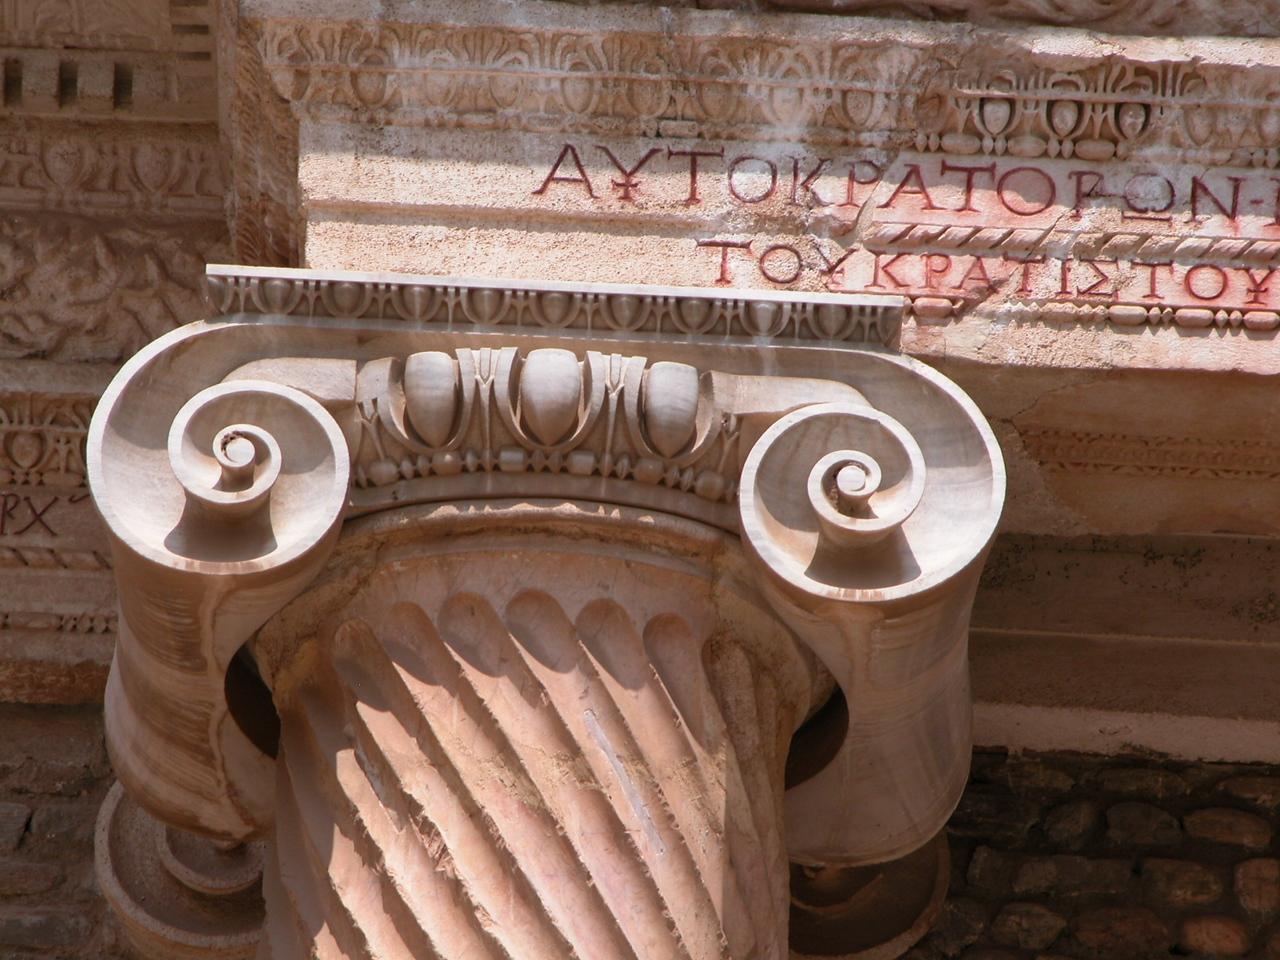 Mismatched columns and capitals